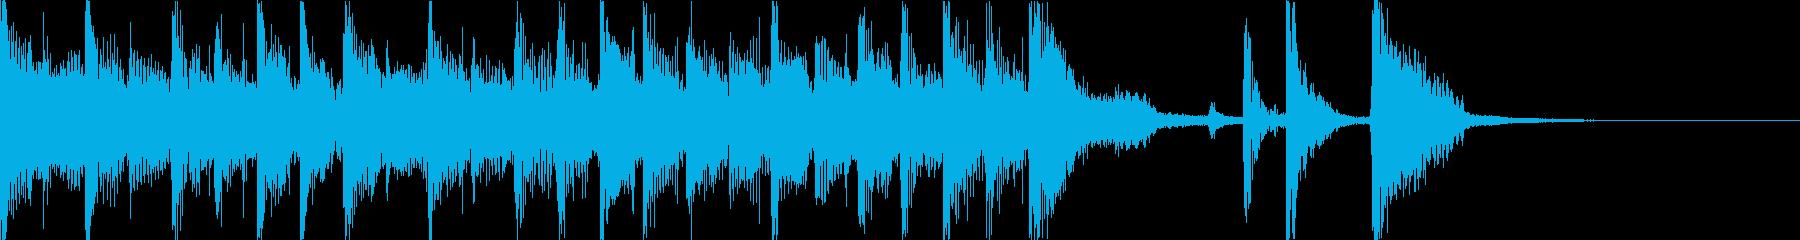 ギターやシンセによる短いアタック曲の再生済みの波形